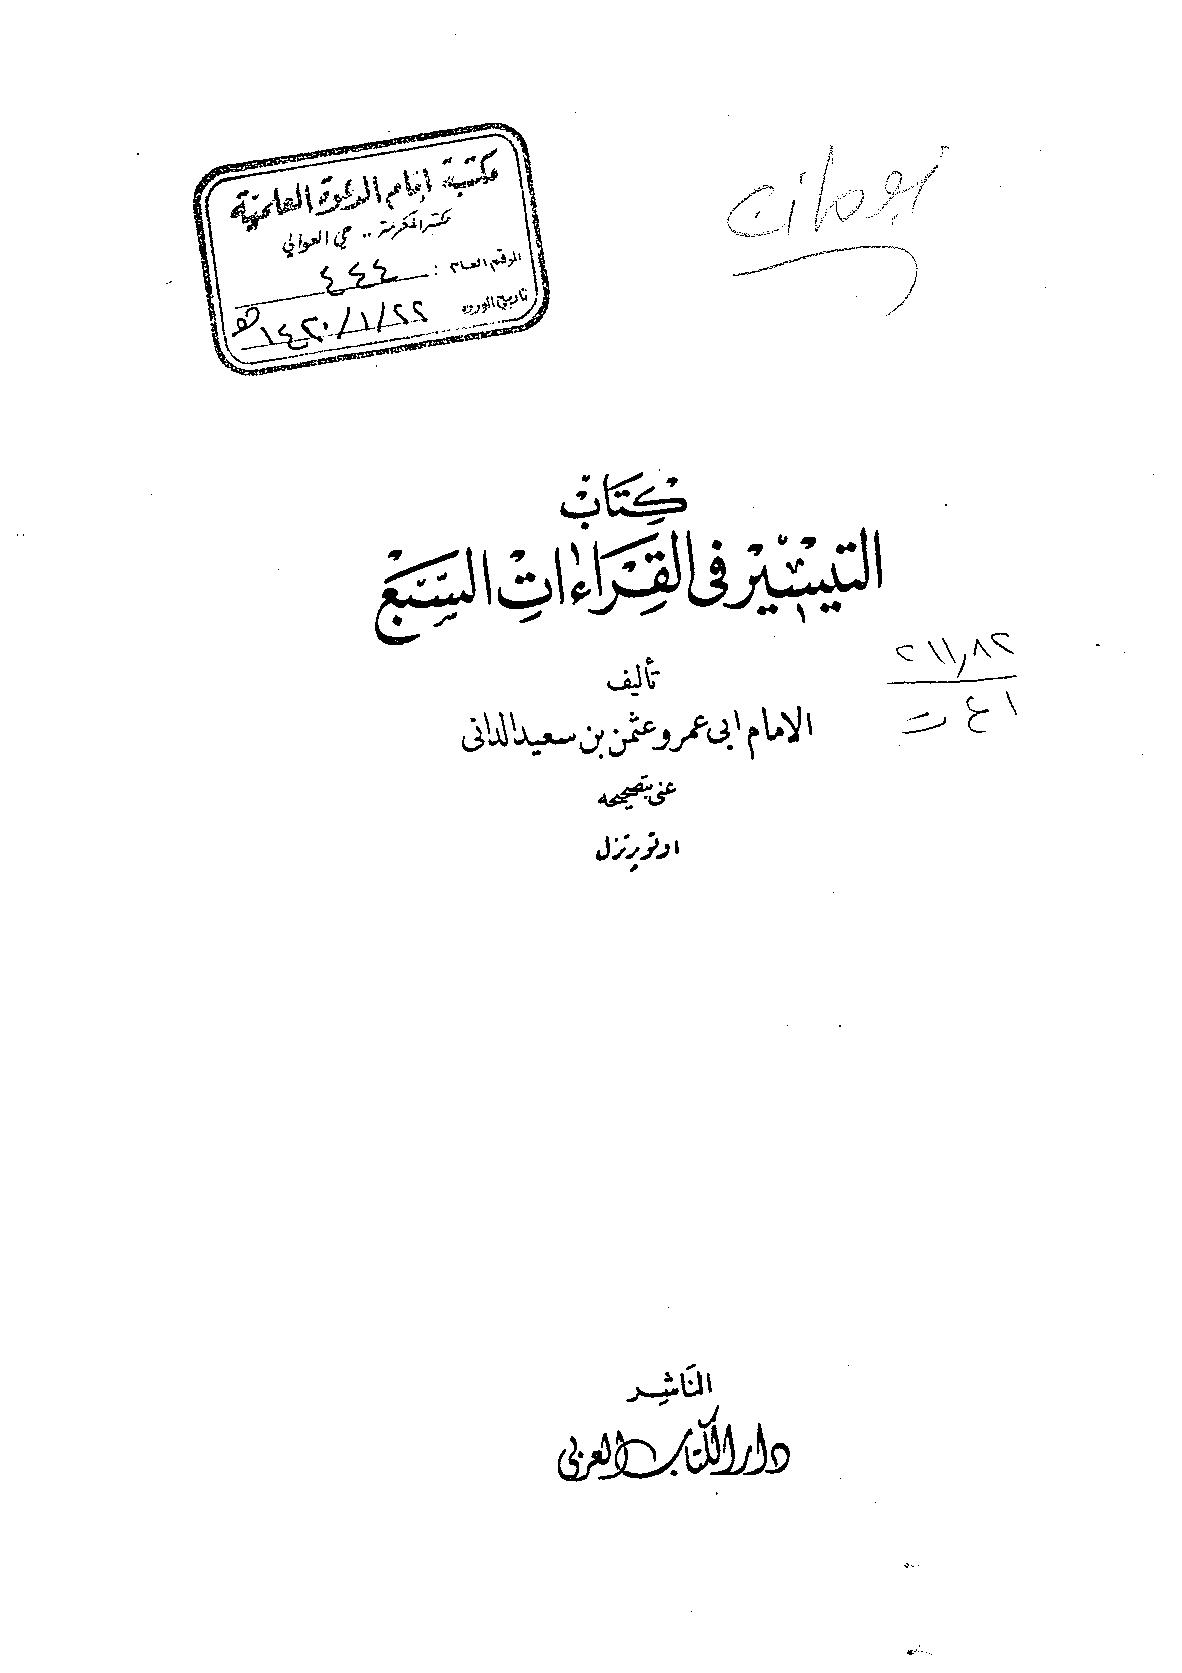 تحميل كتاب التيسير في القراءات السبع لـِ: الإمام أبو عمرو عثمان بن سعيد بن عثمان بن عمر الداني (ت 444)